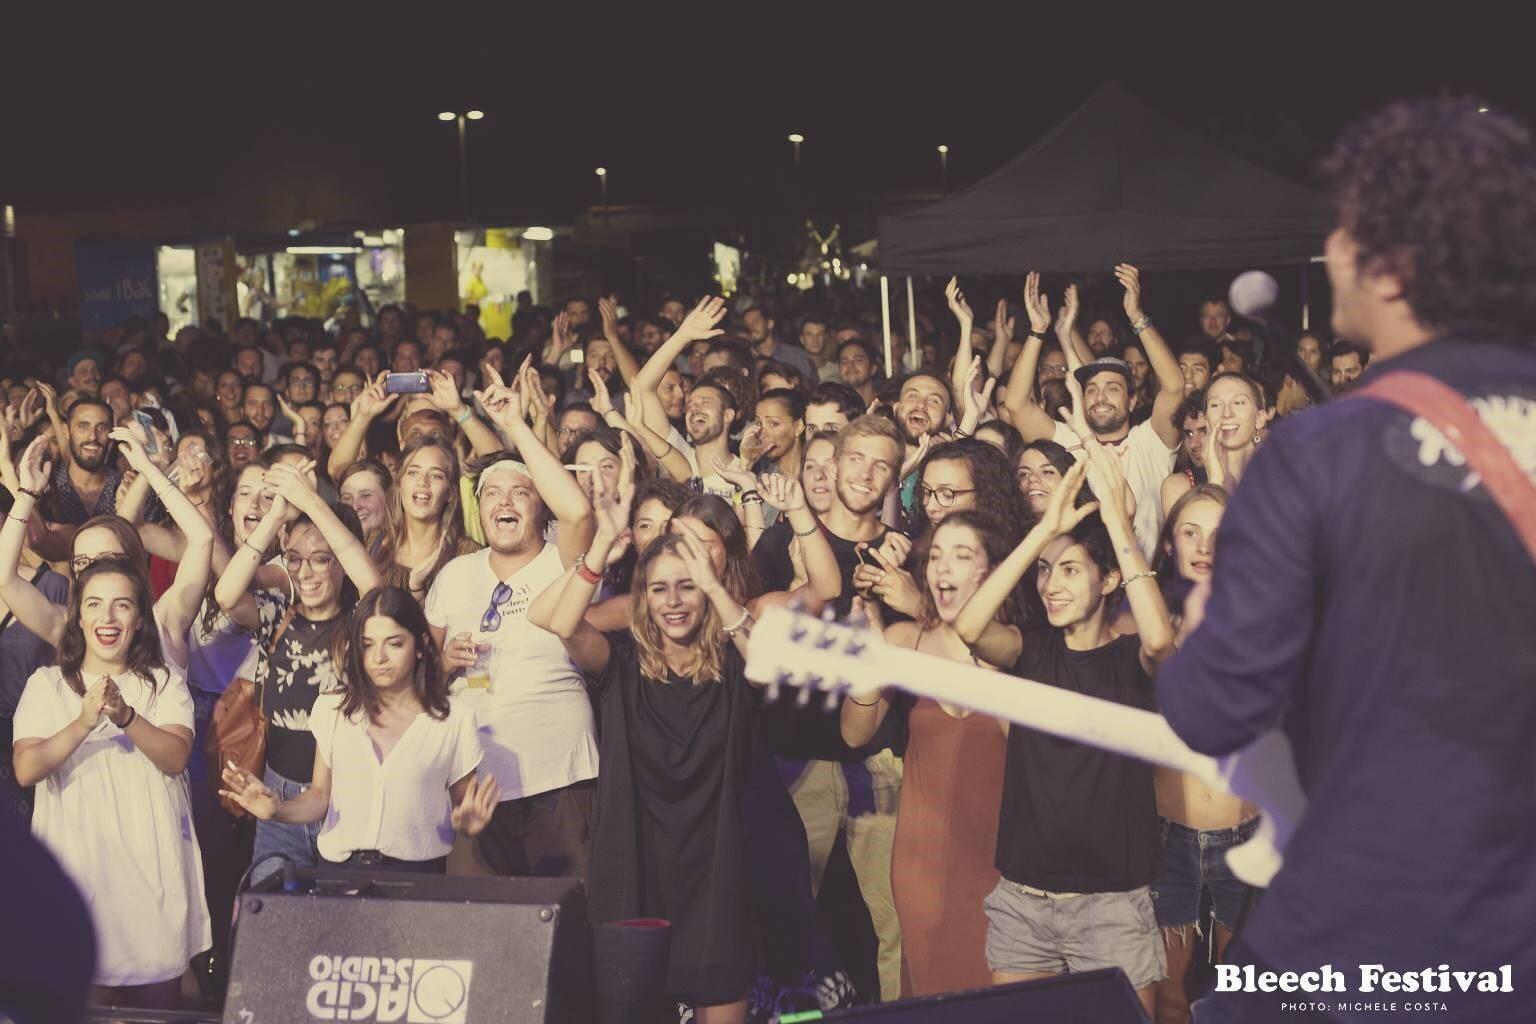 bleech festival